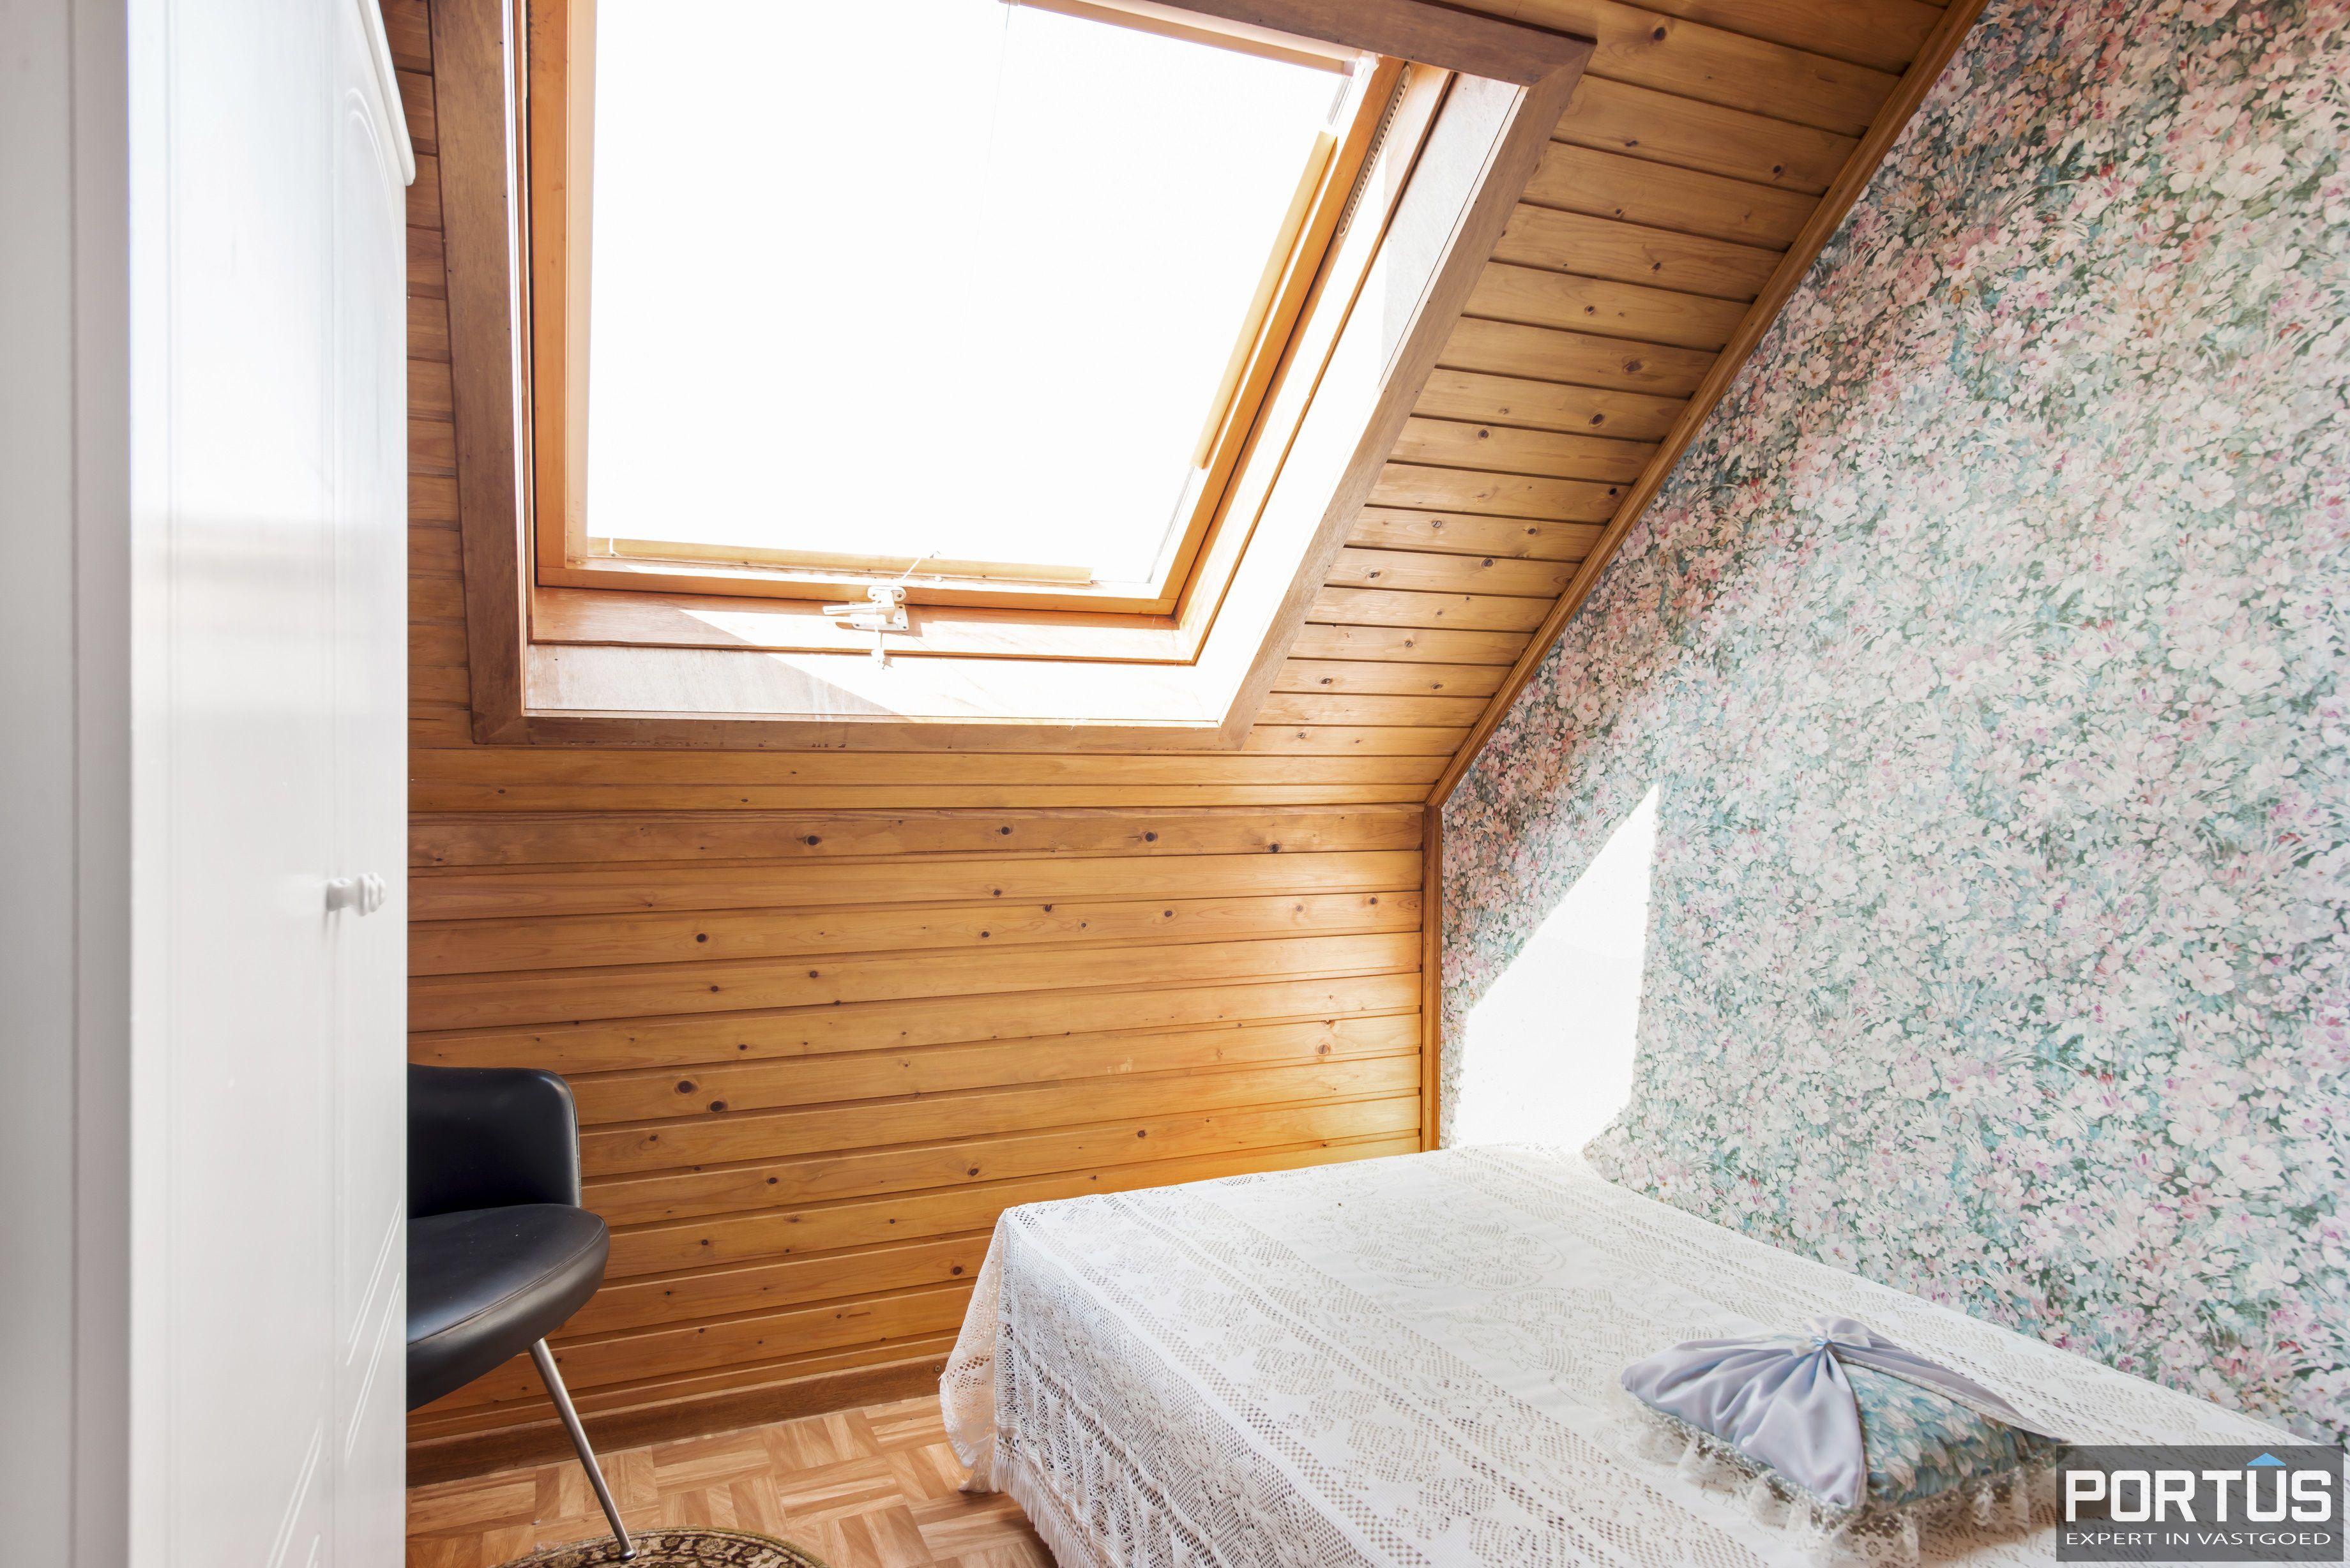 Instapklare ruime vakantiewoning met tuin te koop te Westende - 9580